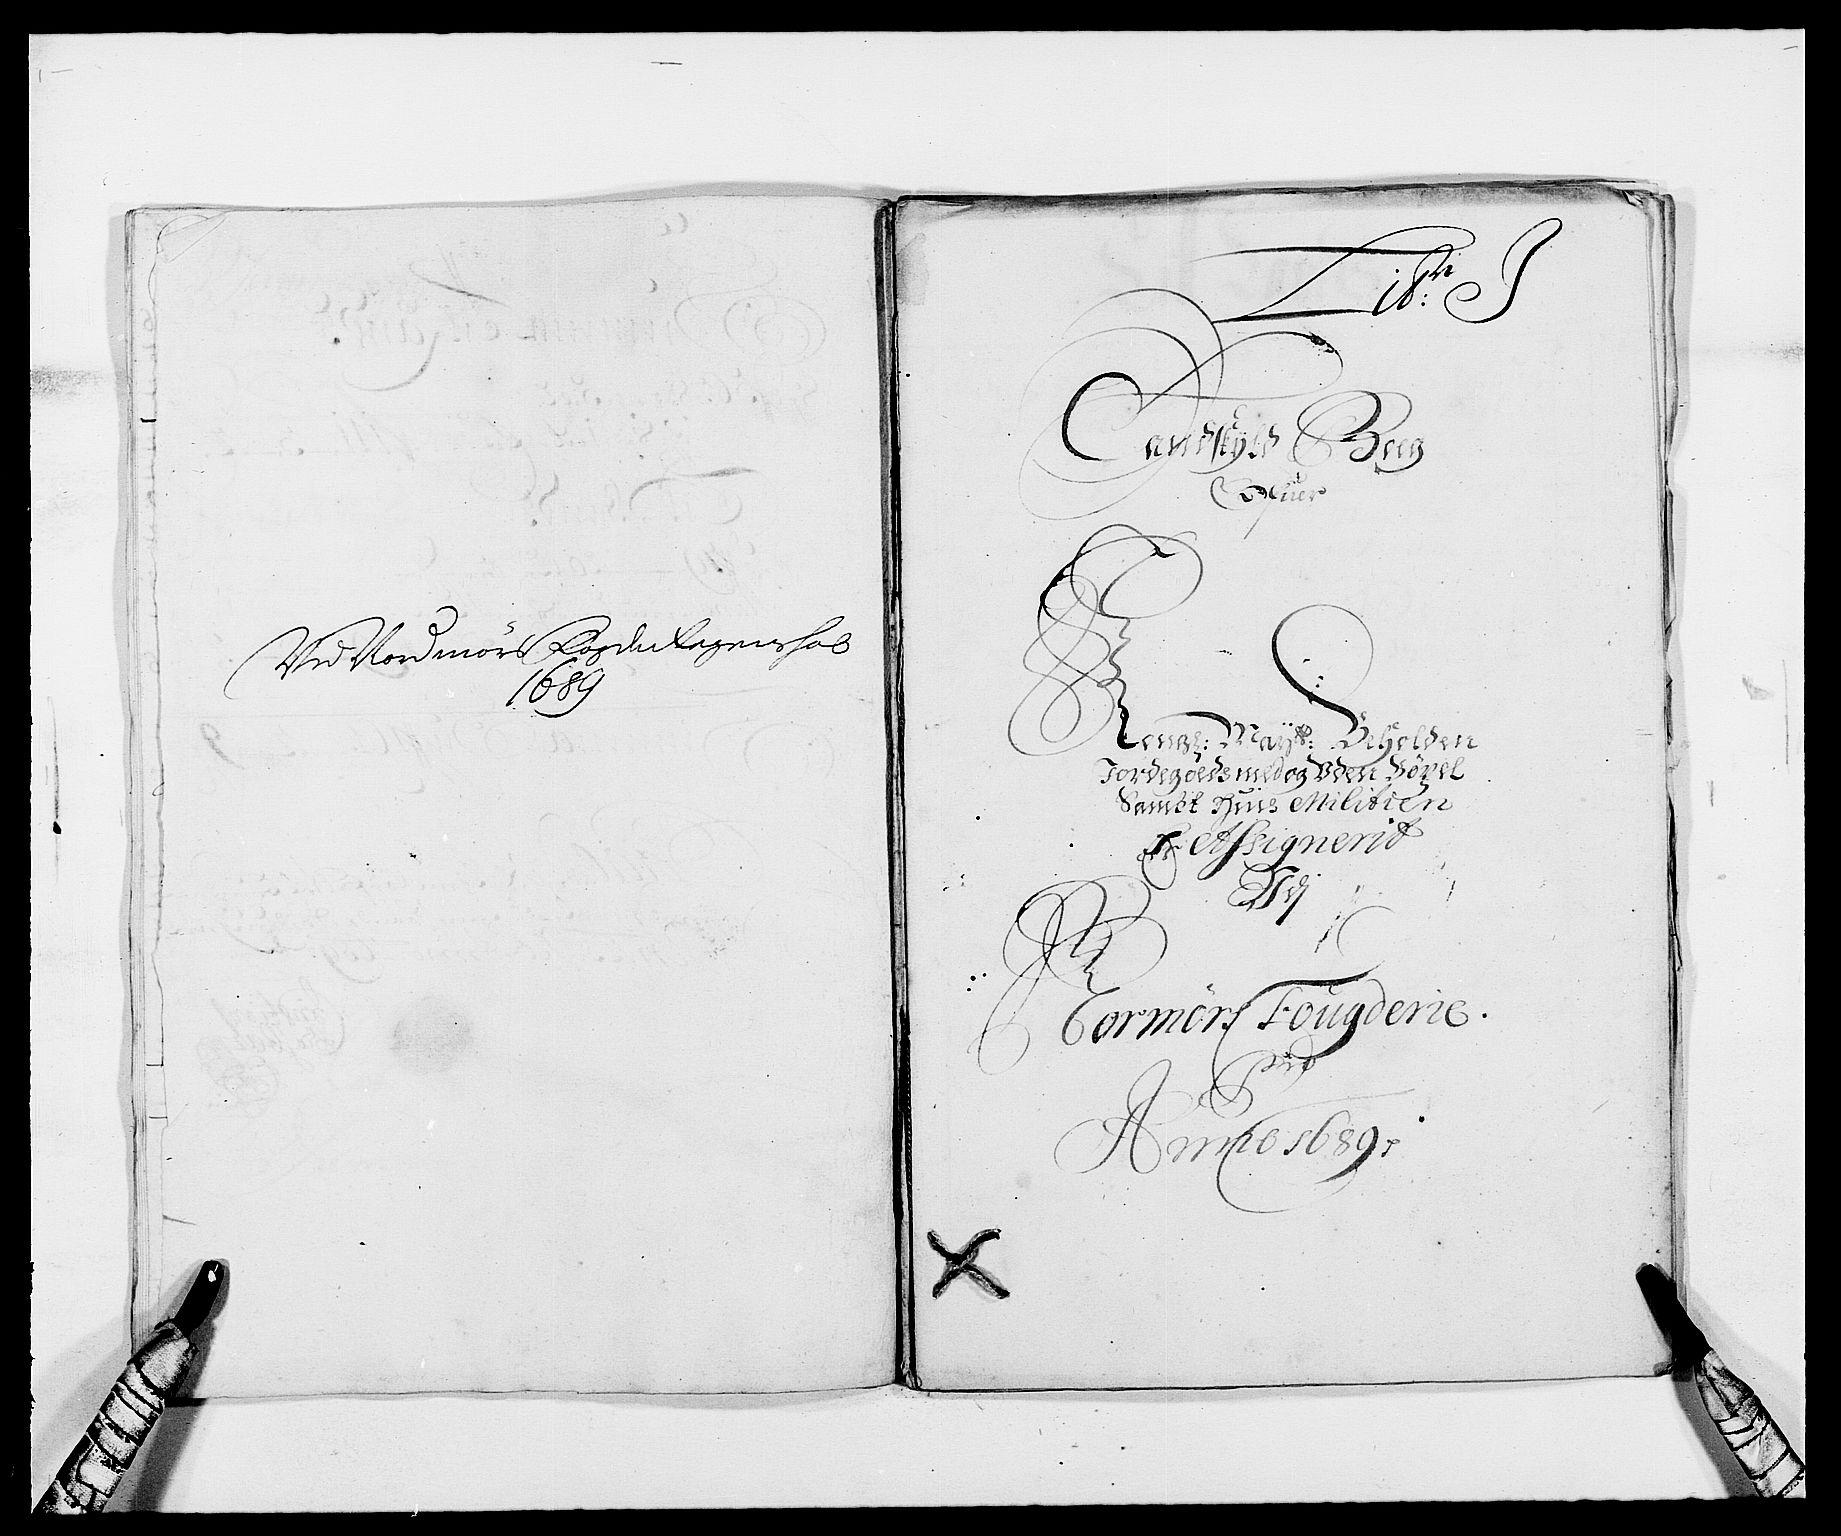 RA, Rentekammeret inntil 1814, Reviderte regnskaper, Fogderegnskap, R56/L3733: Fogderegnskap Nordmøre, 1687-1689, s. 412